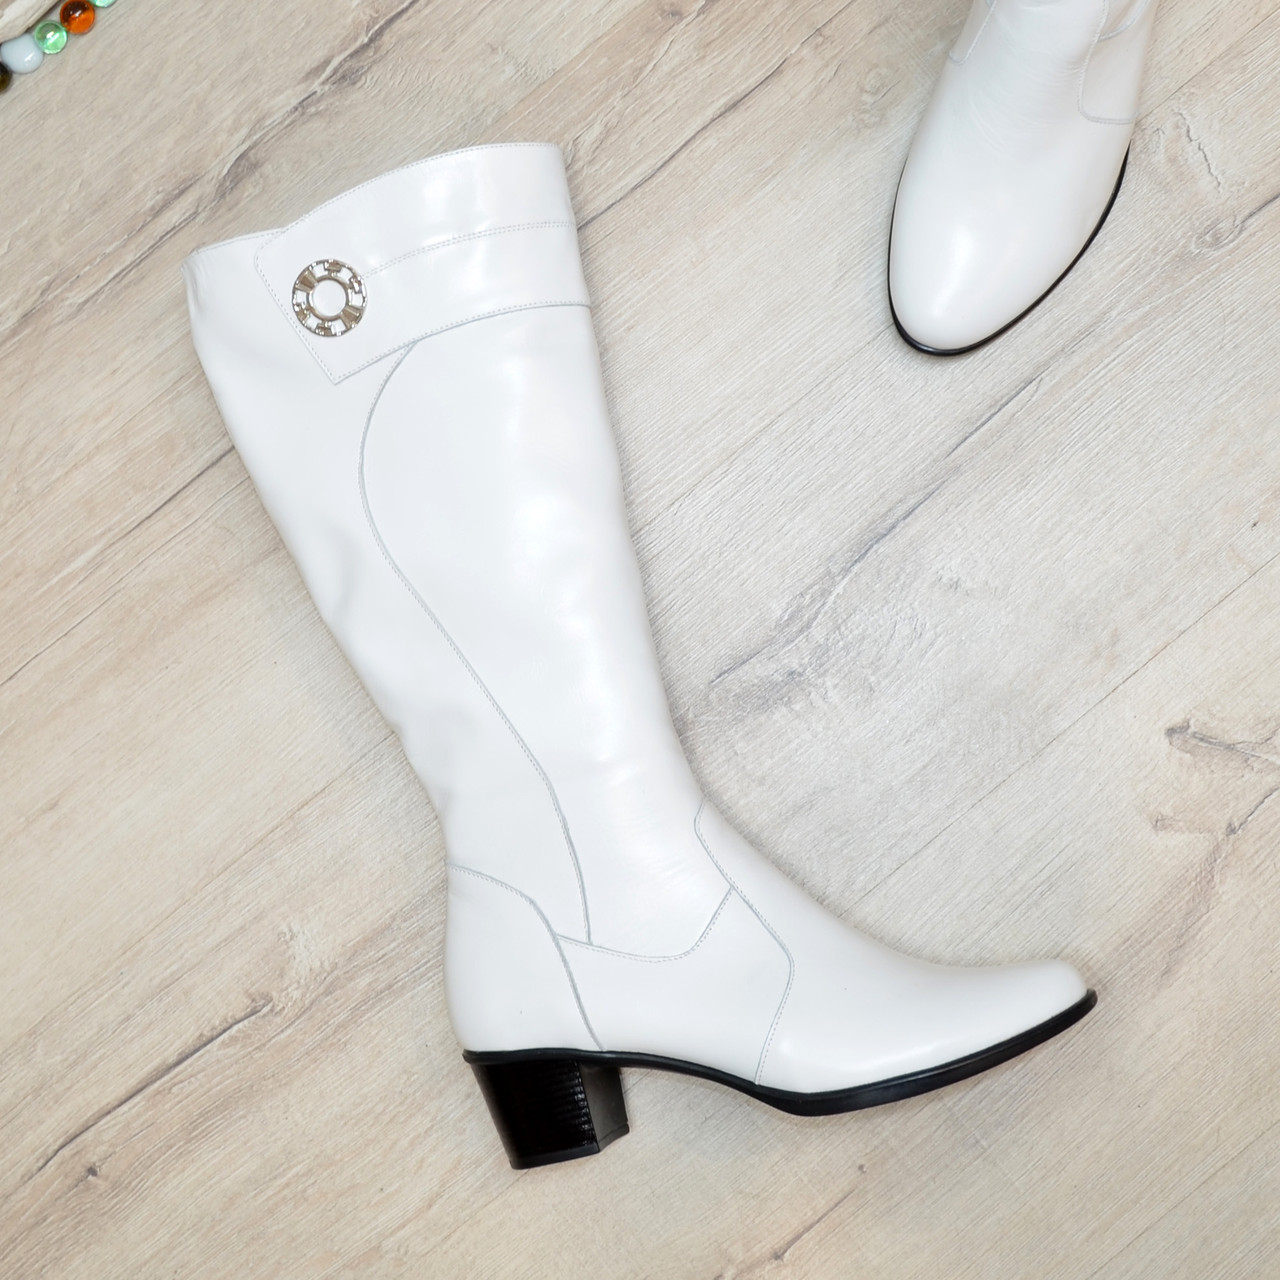 Сапоги женские белые кожаные на невысоком устойчивом каблуке